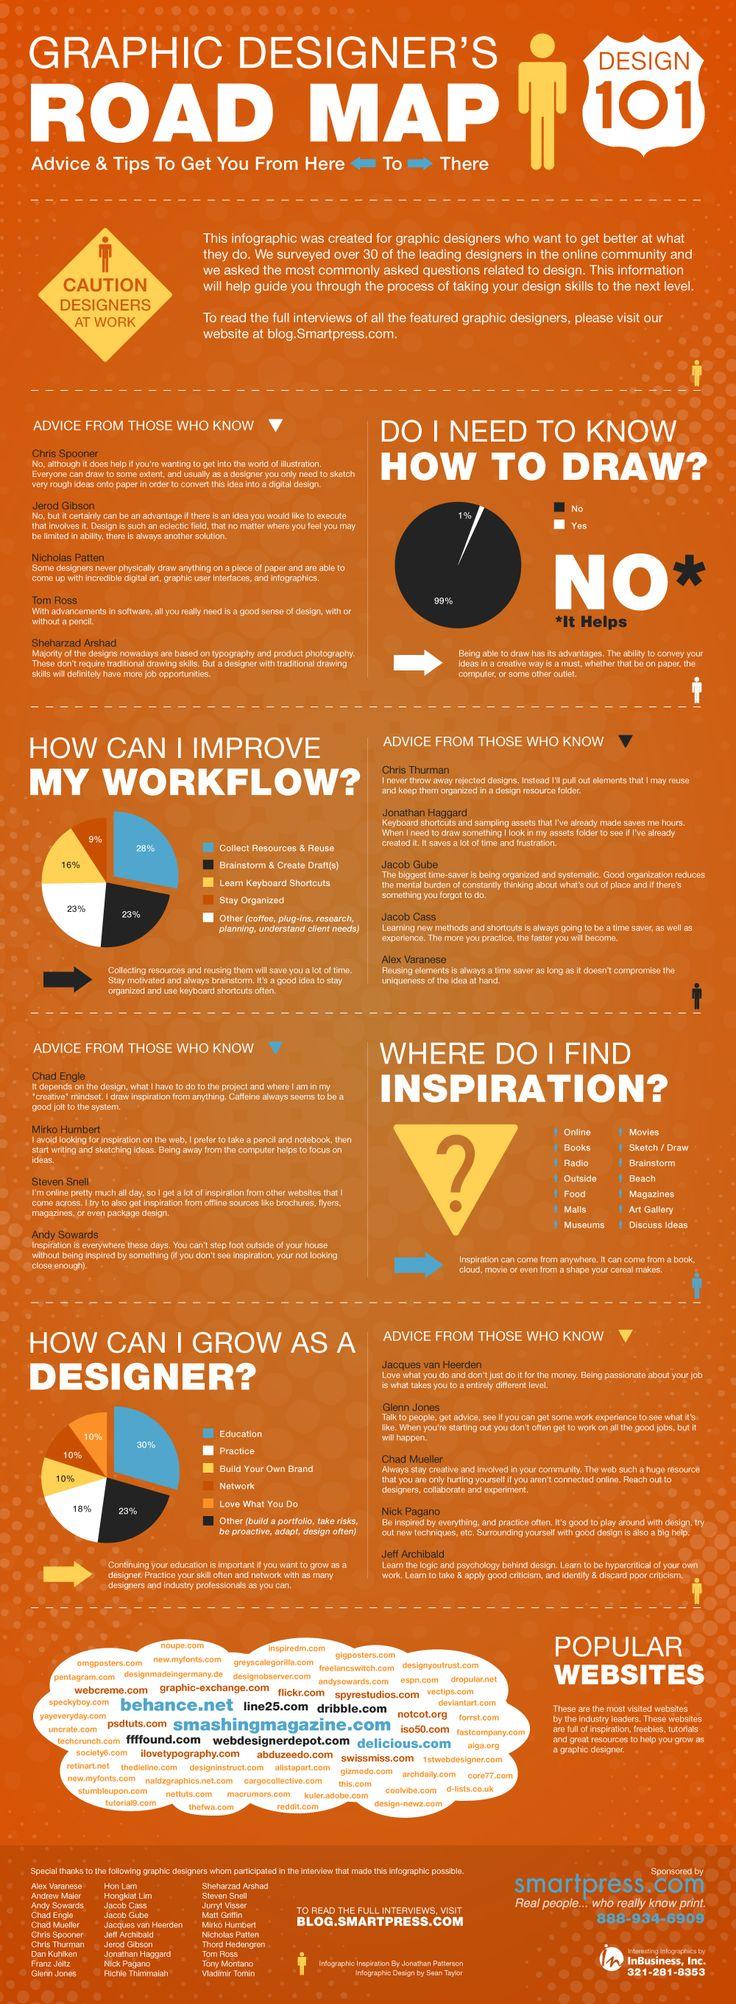 Graphic Designer's Road Map - Design 101   Infographic